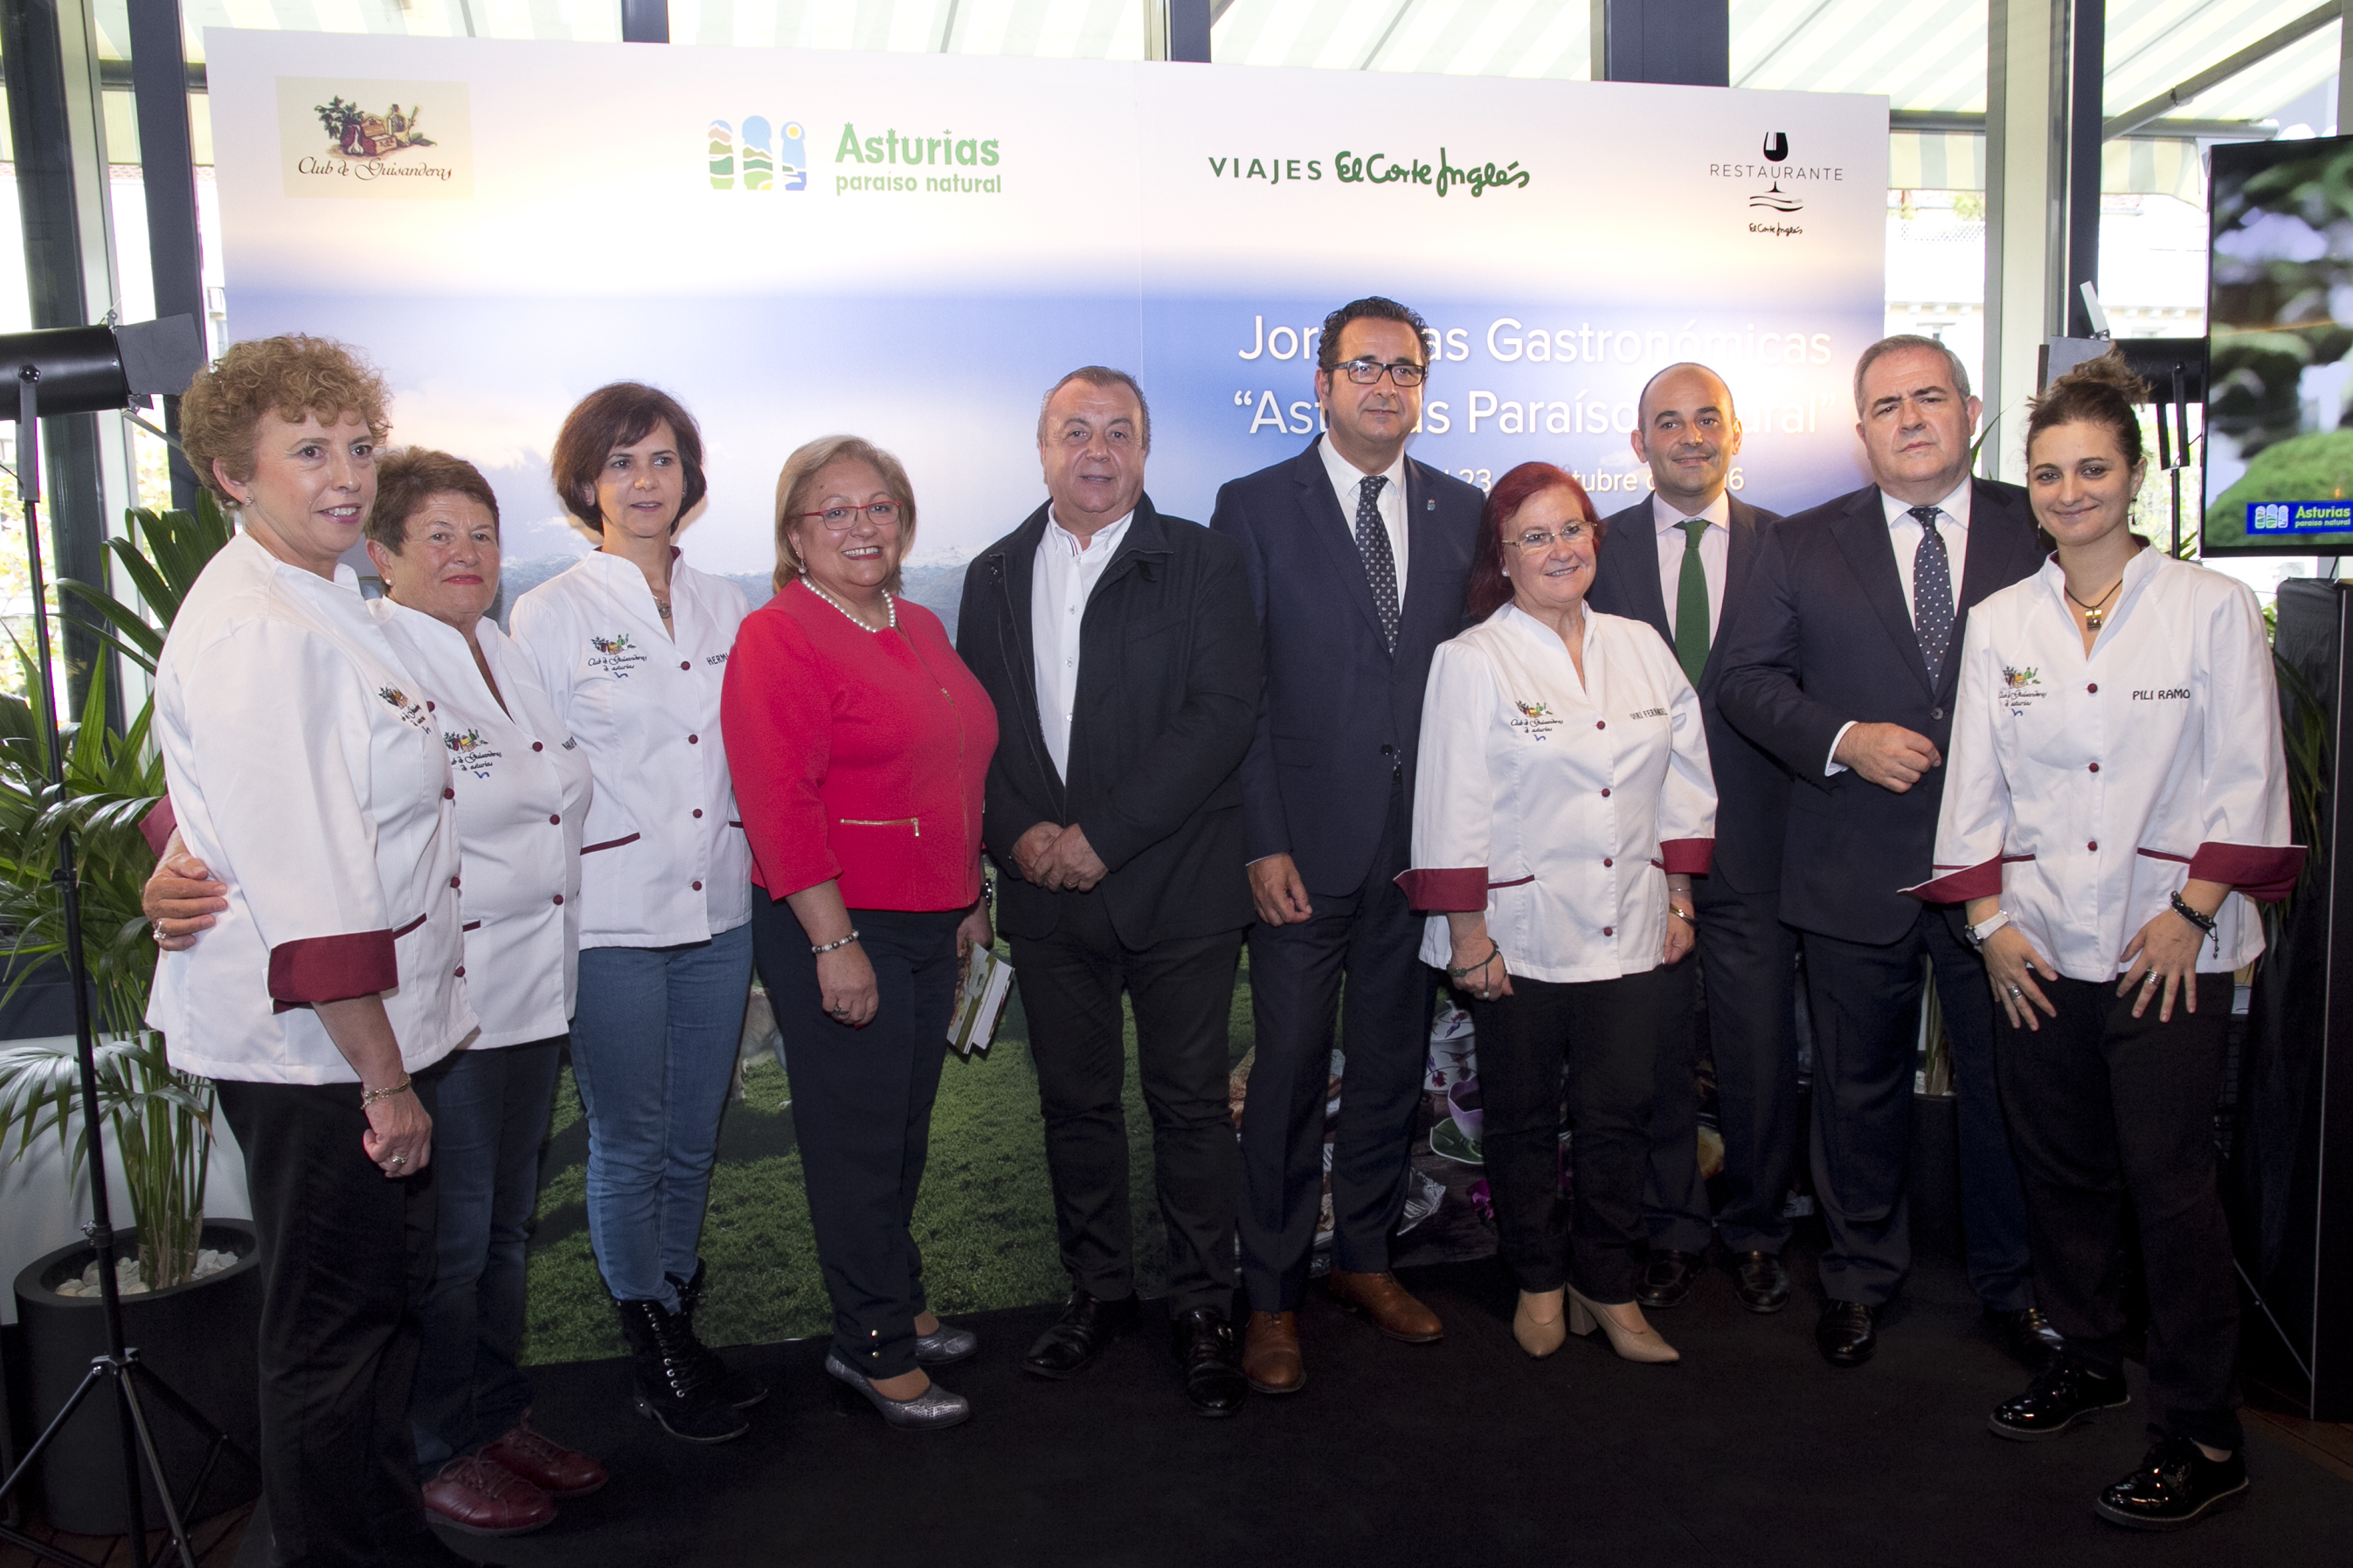 Club Guisanderas Asturias